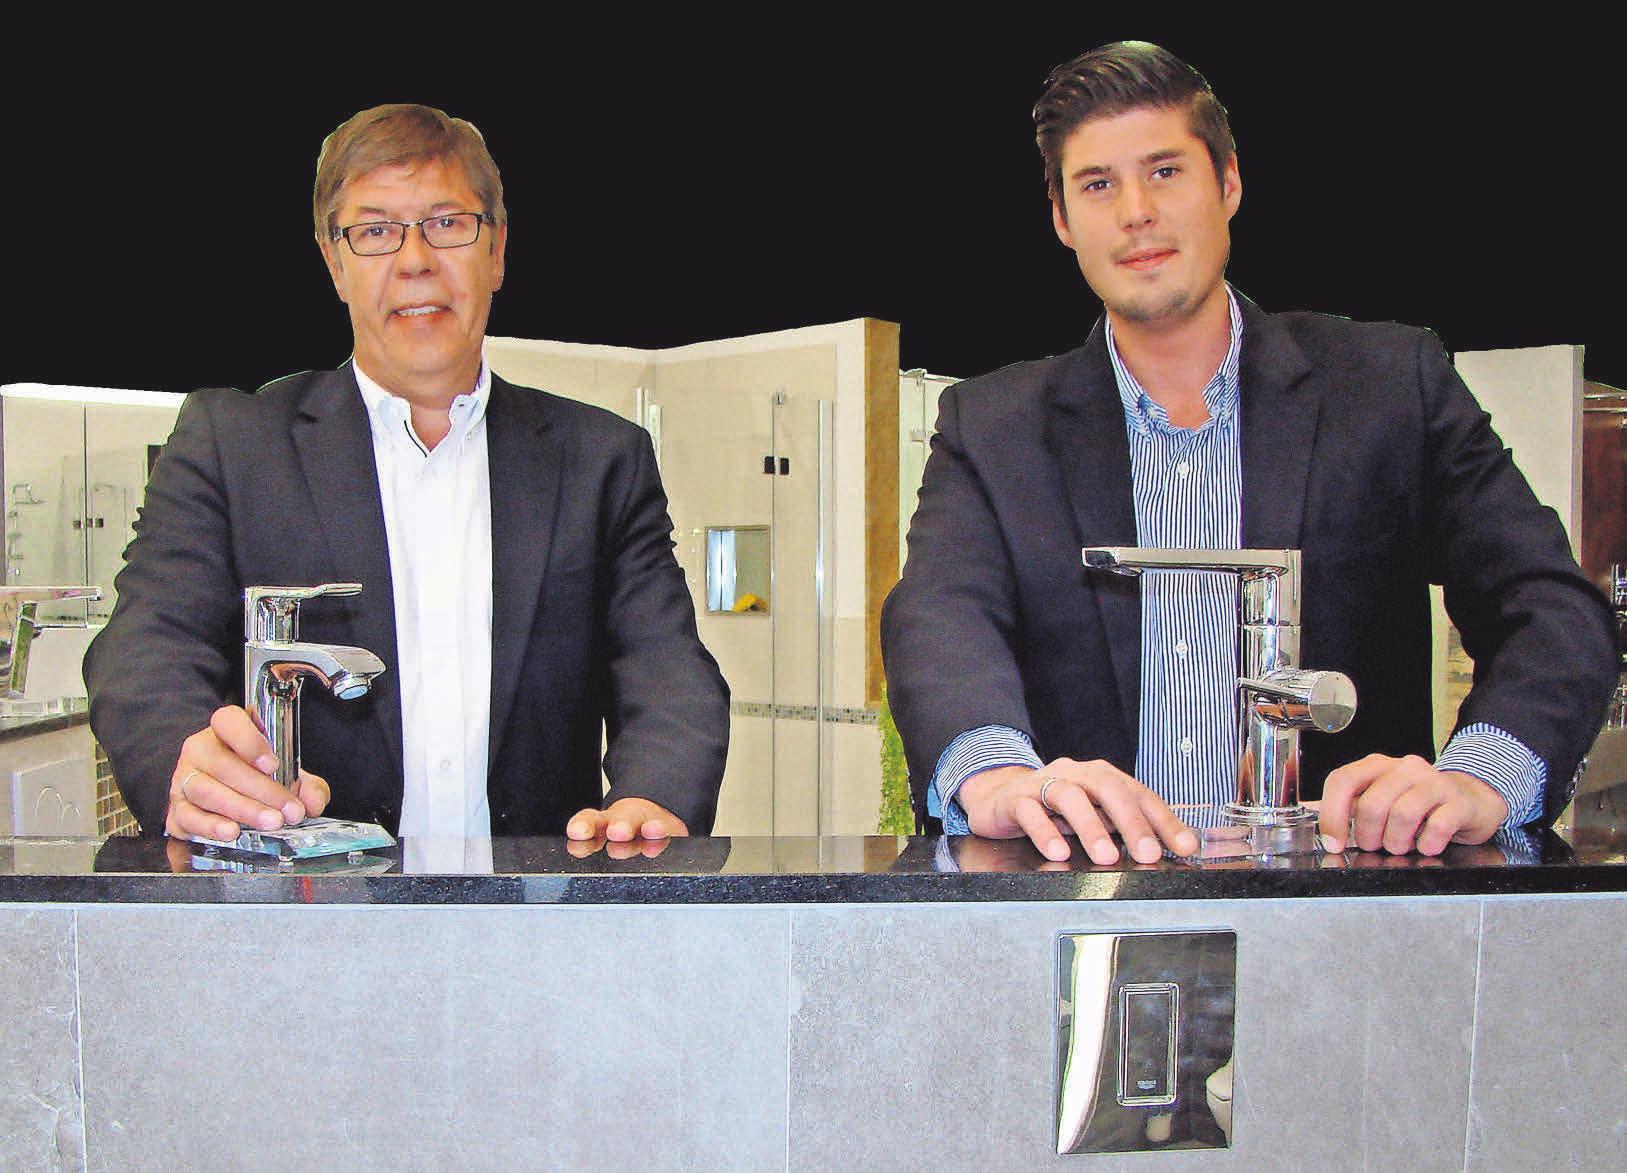 Michael und Finn Glomp (v. l.) leiten erfolgreich gemeinsam die Firmengeschicke. Fotos: Astrid Jabs, Bernd Gewanski